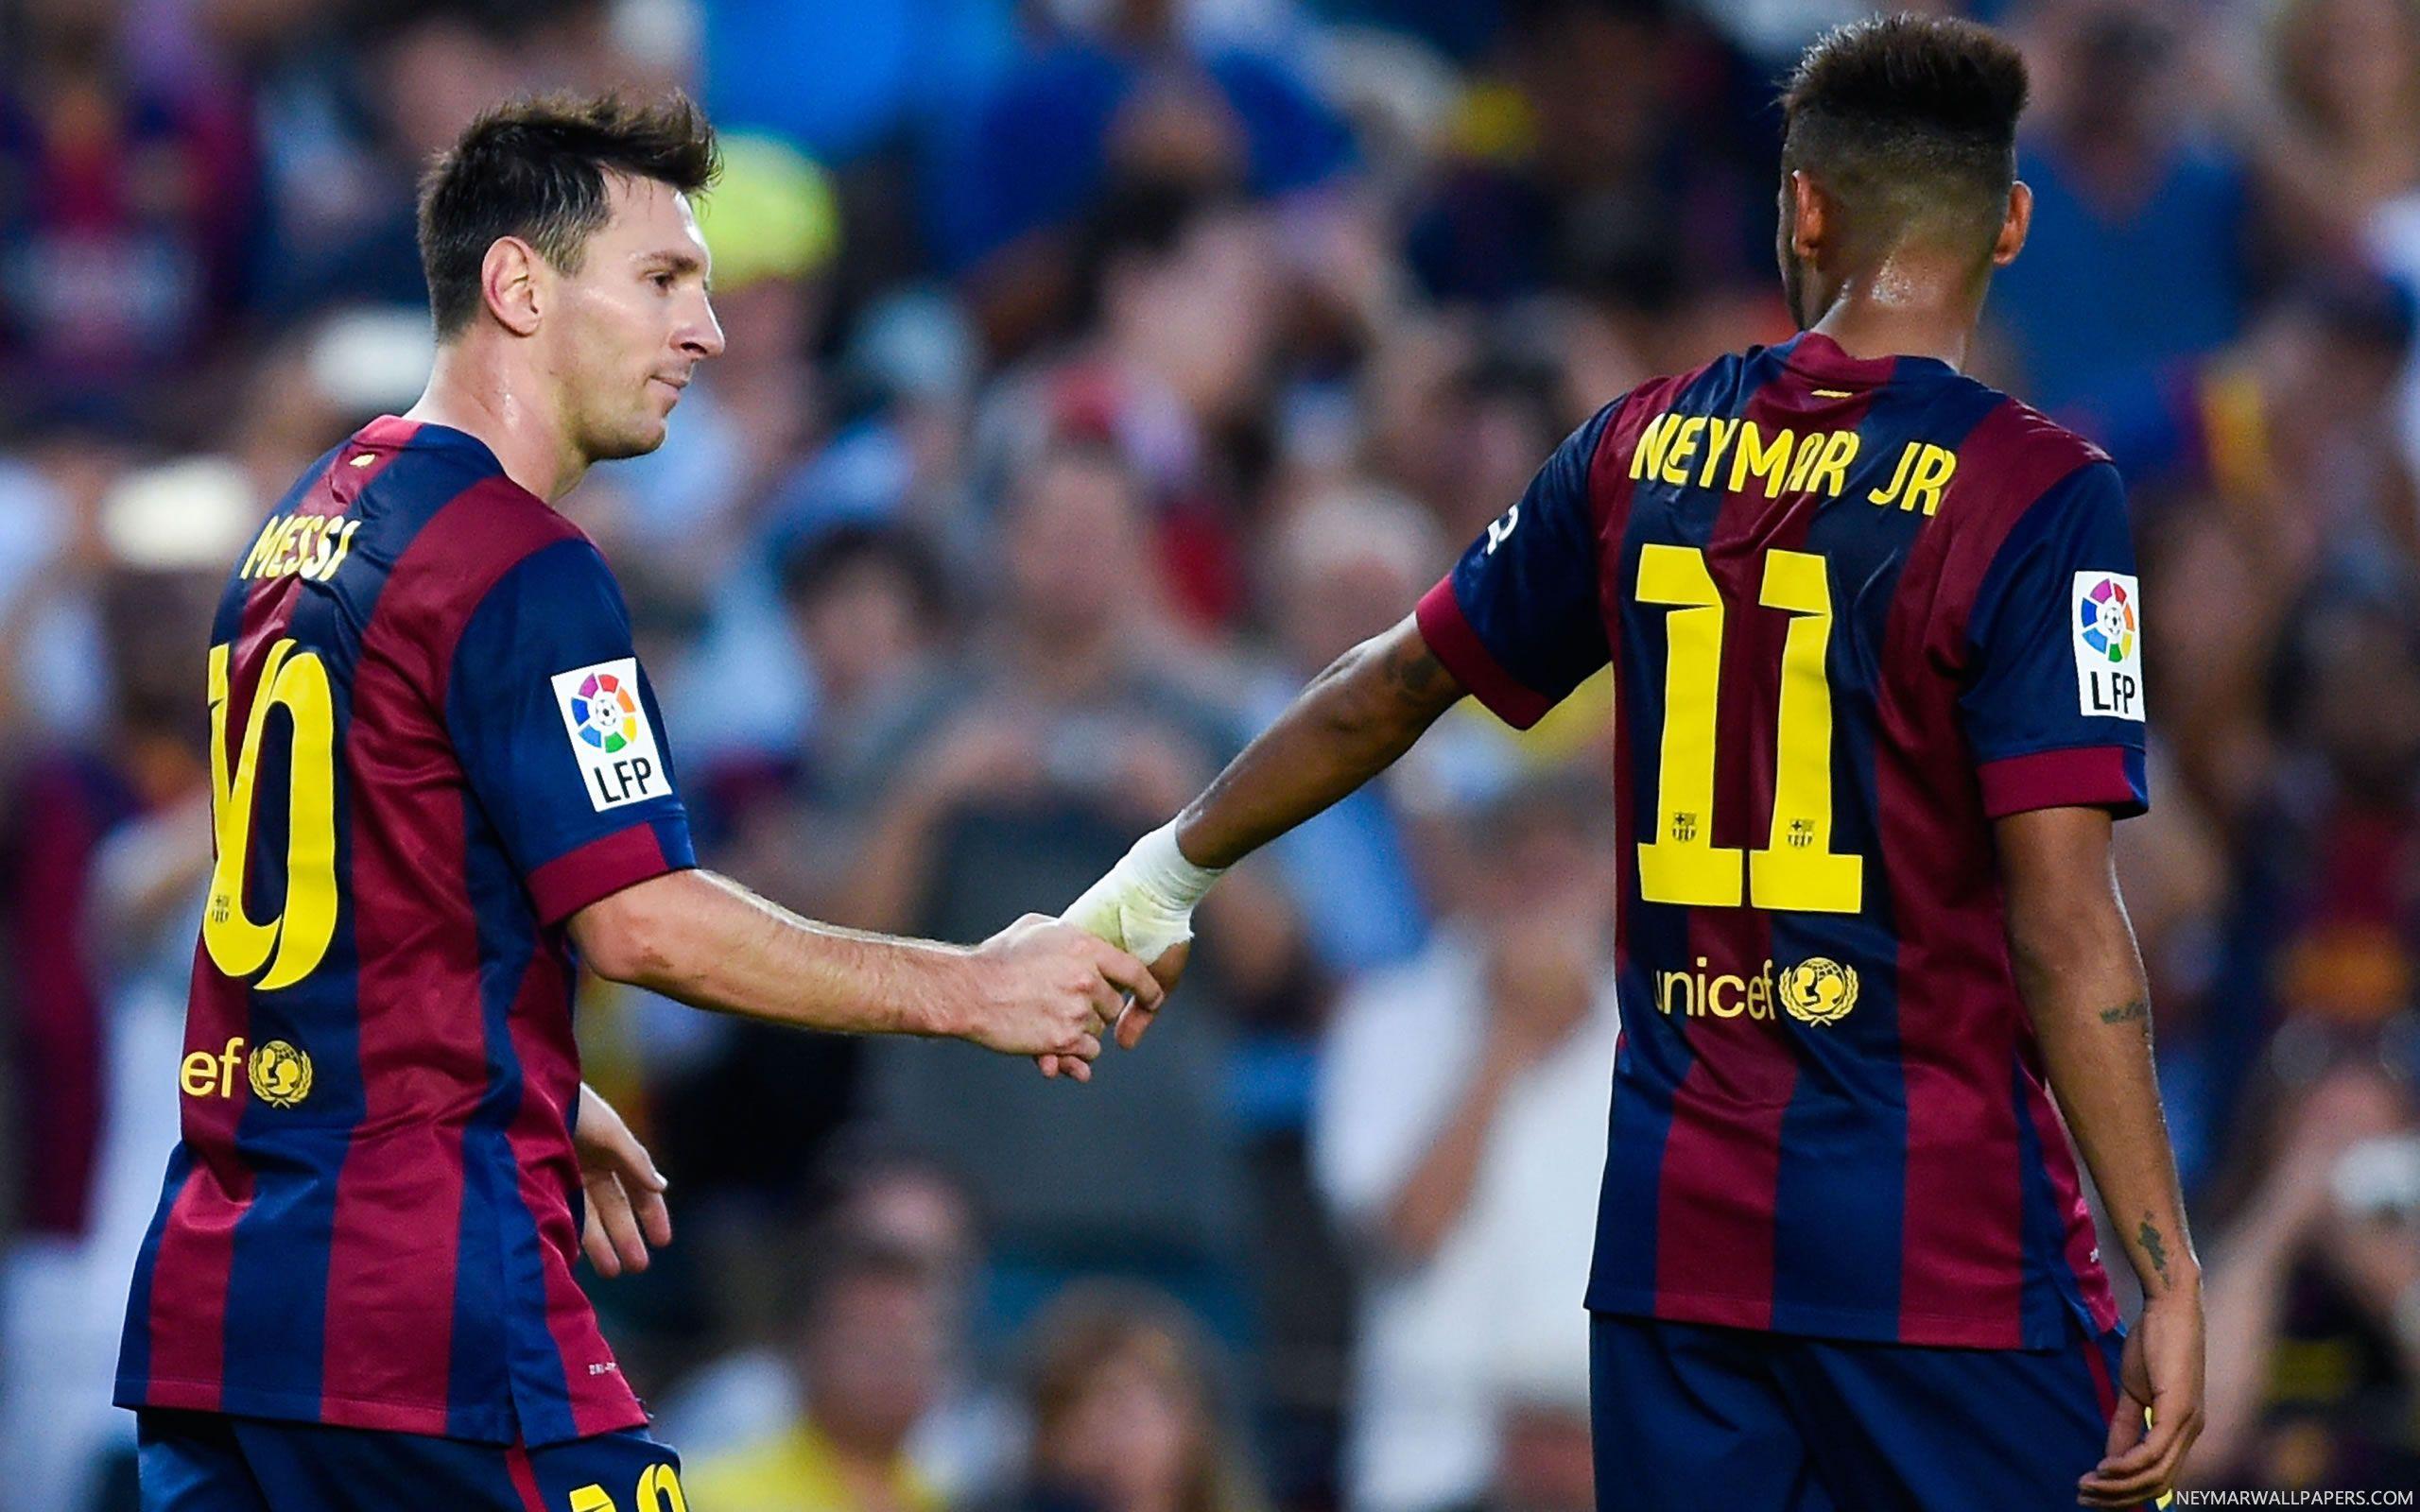 Neymar Messi Wallpapers Wallpaper Cave